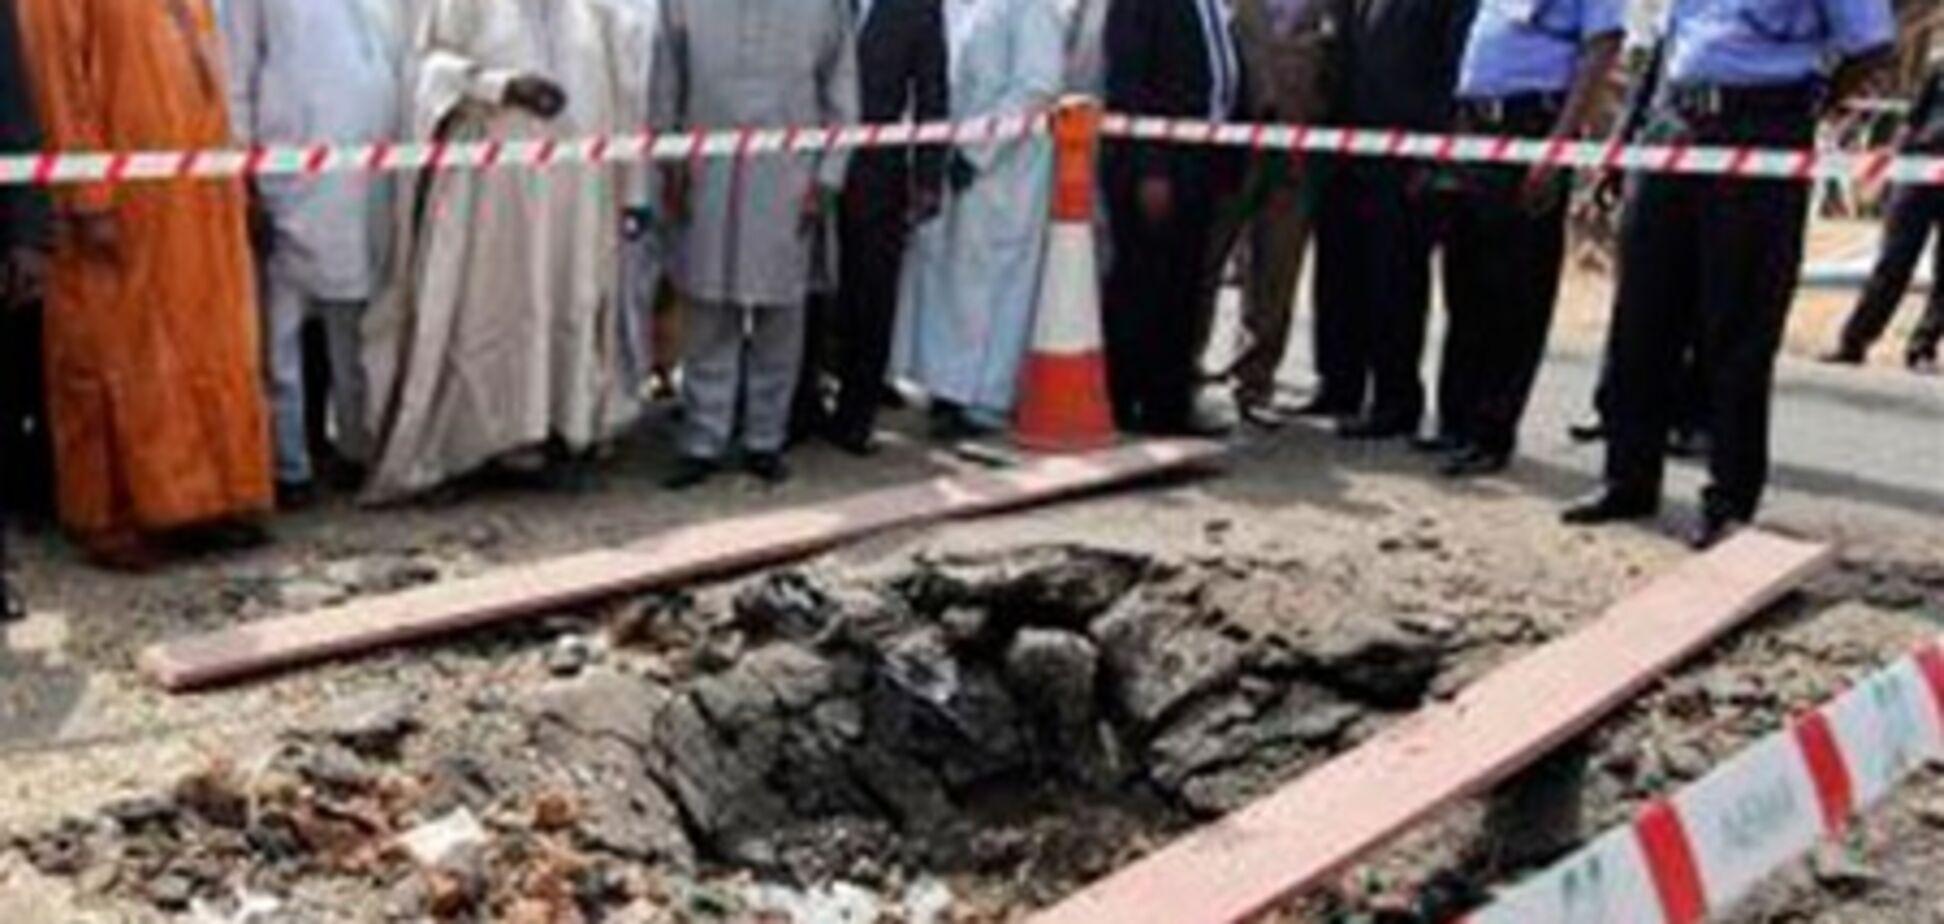 У Нігерії спалена мечеть, постраждали декілька мусульман